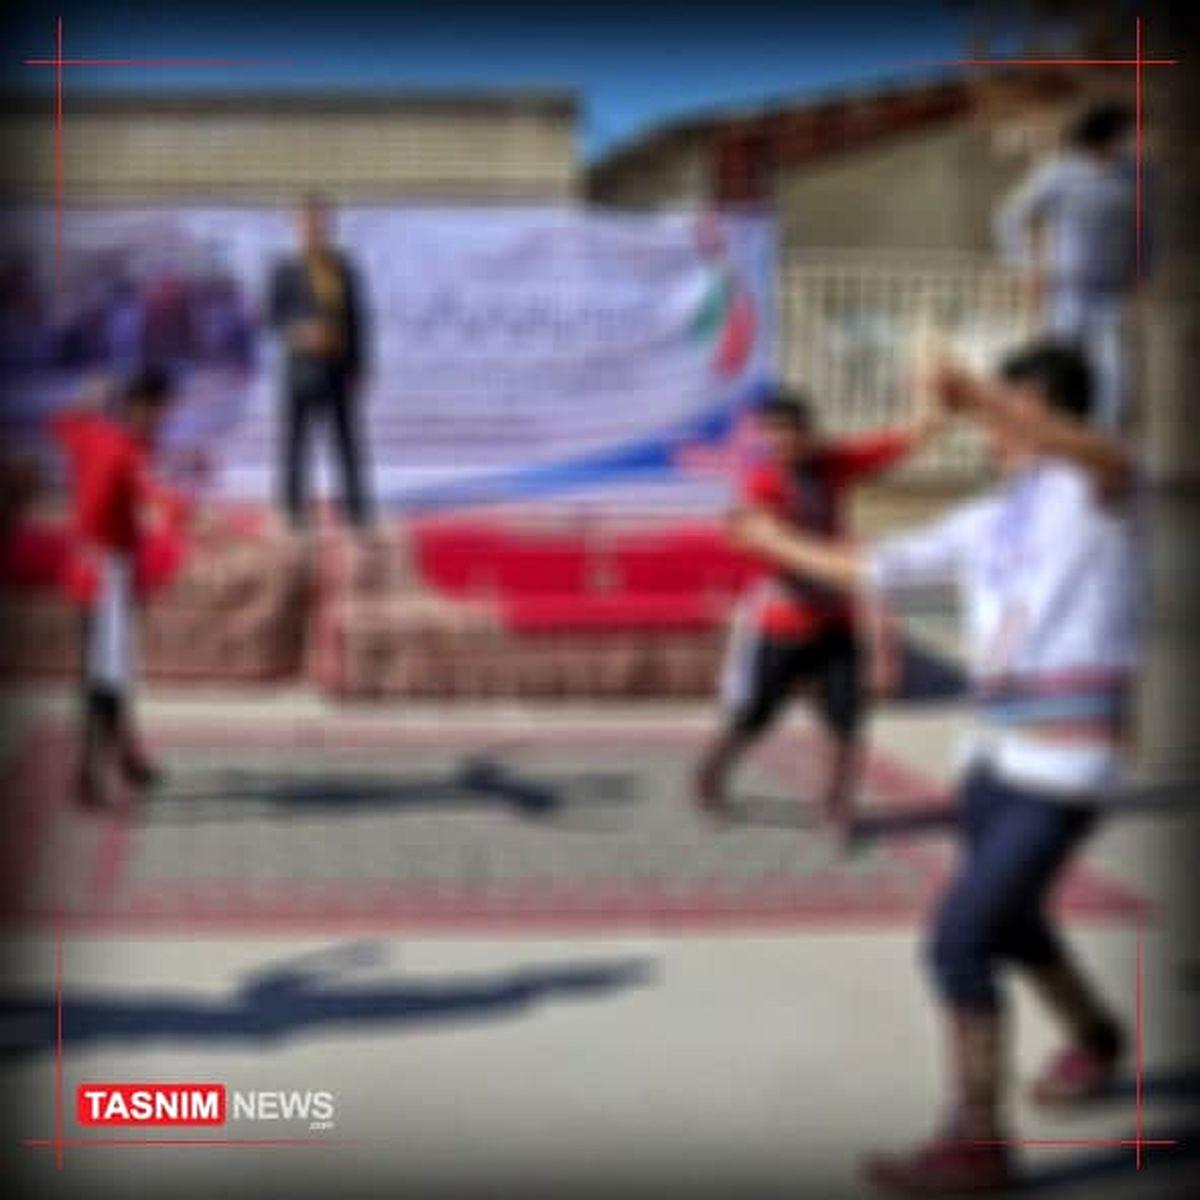 بازداشت ۳ نفر از عوامل برگزاری جشنواره در روز شهادت